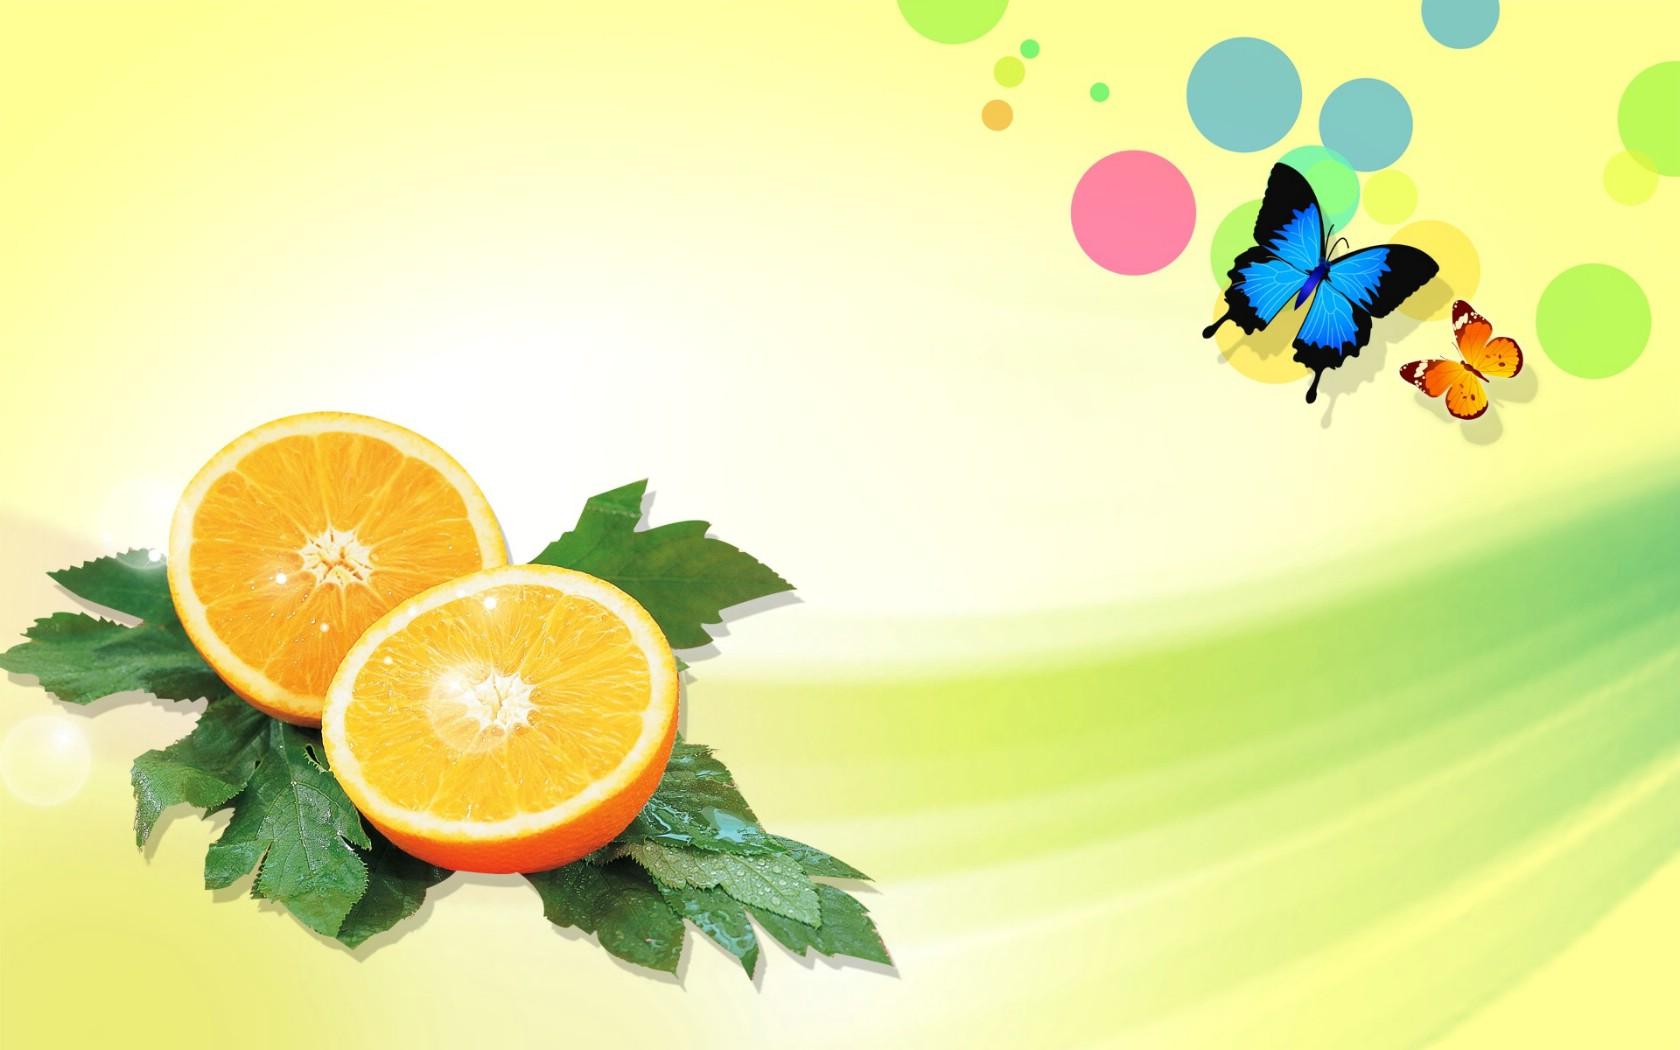 <font color=red>壁纸</font>1680×1050橙 PS<font color=red>水果图片壁纸</font>,PSD清新